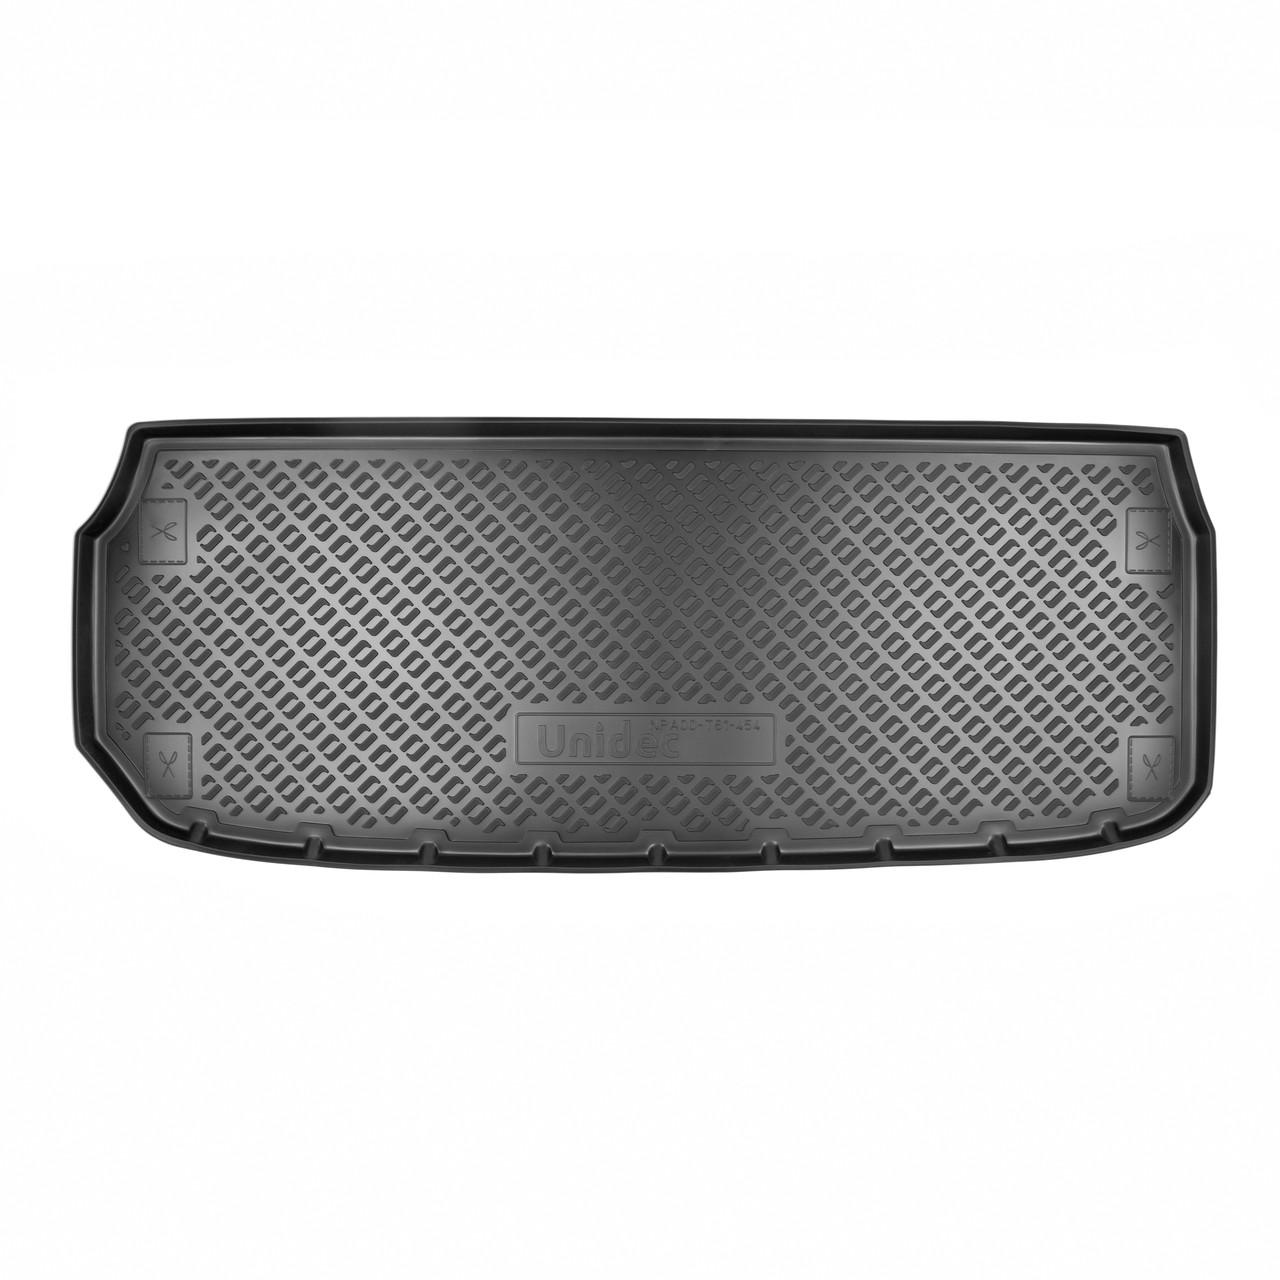 Коврик в багажник Nissan Pathfinder (R52) (2014) (разложенный 3 ряд)